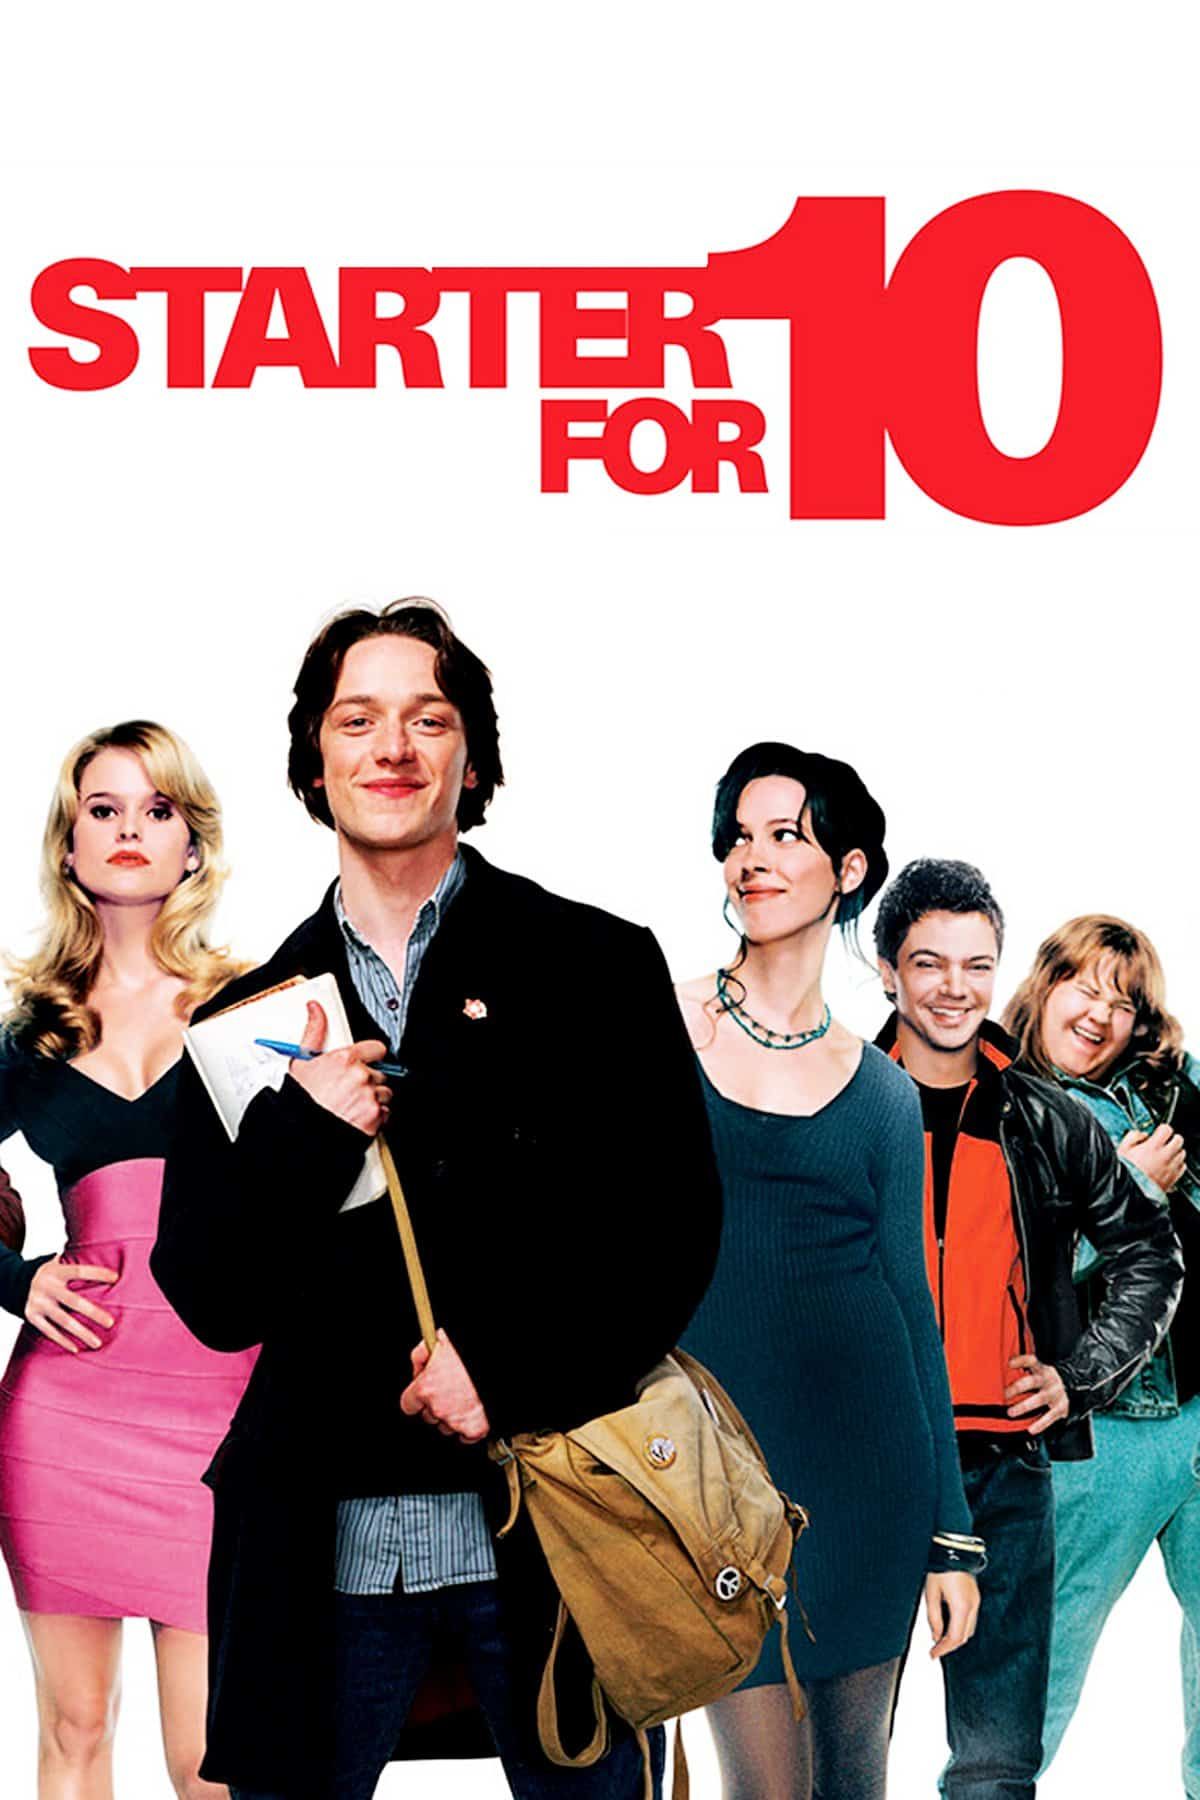 Starter for 10, 2006